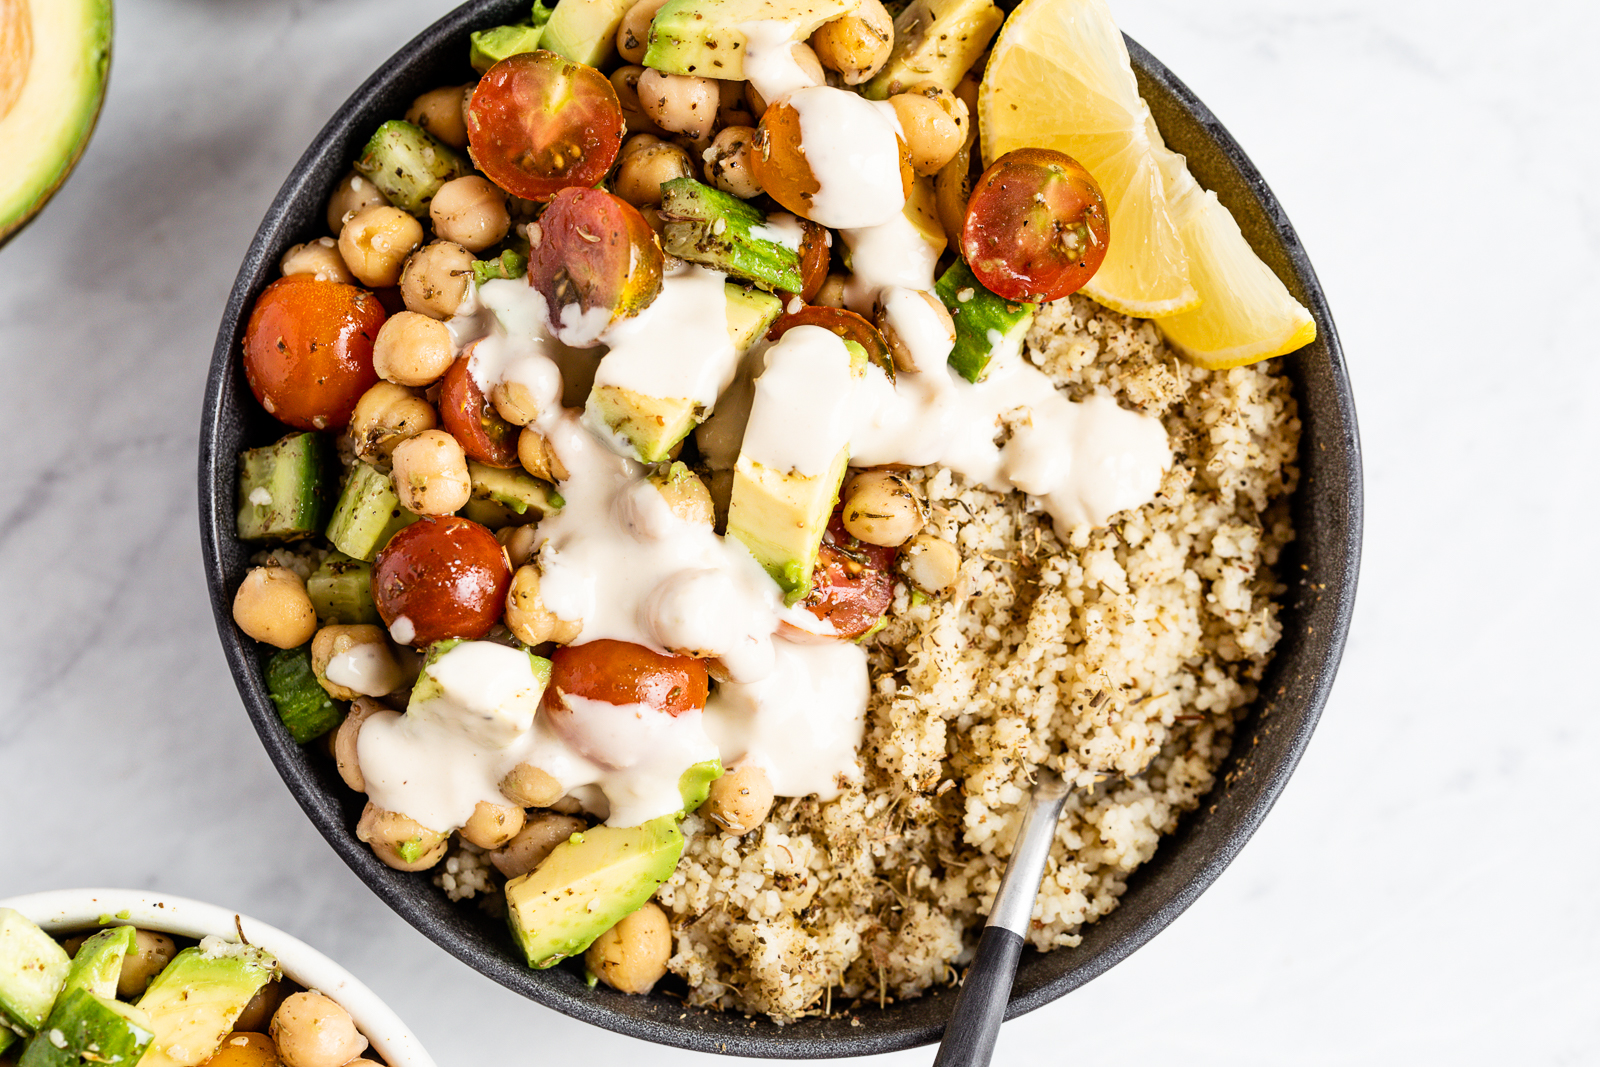 August: Za'atar Grain Bowls